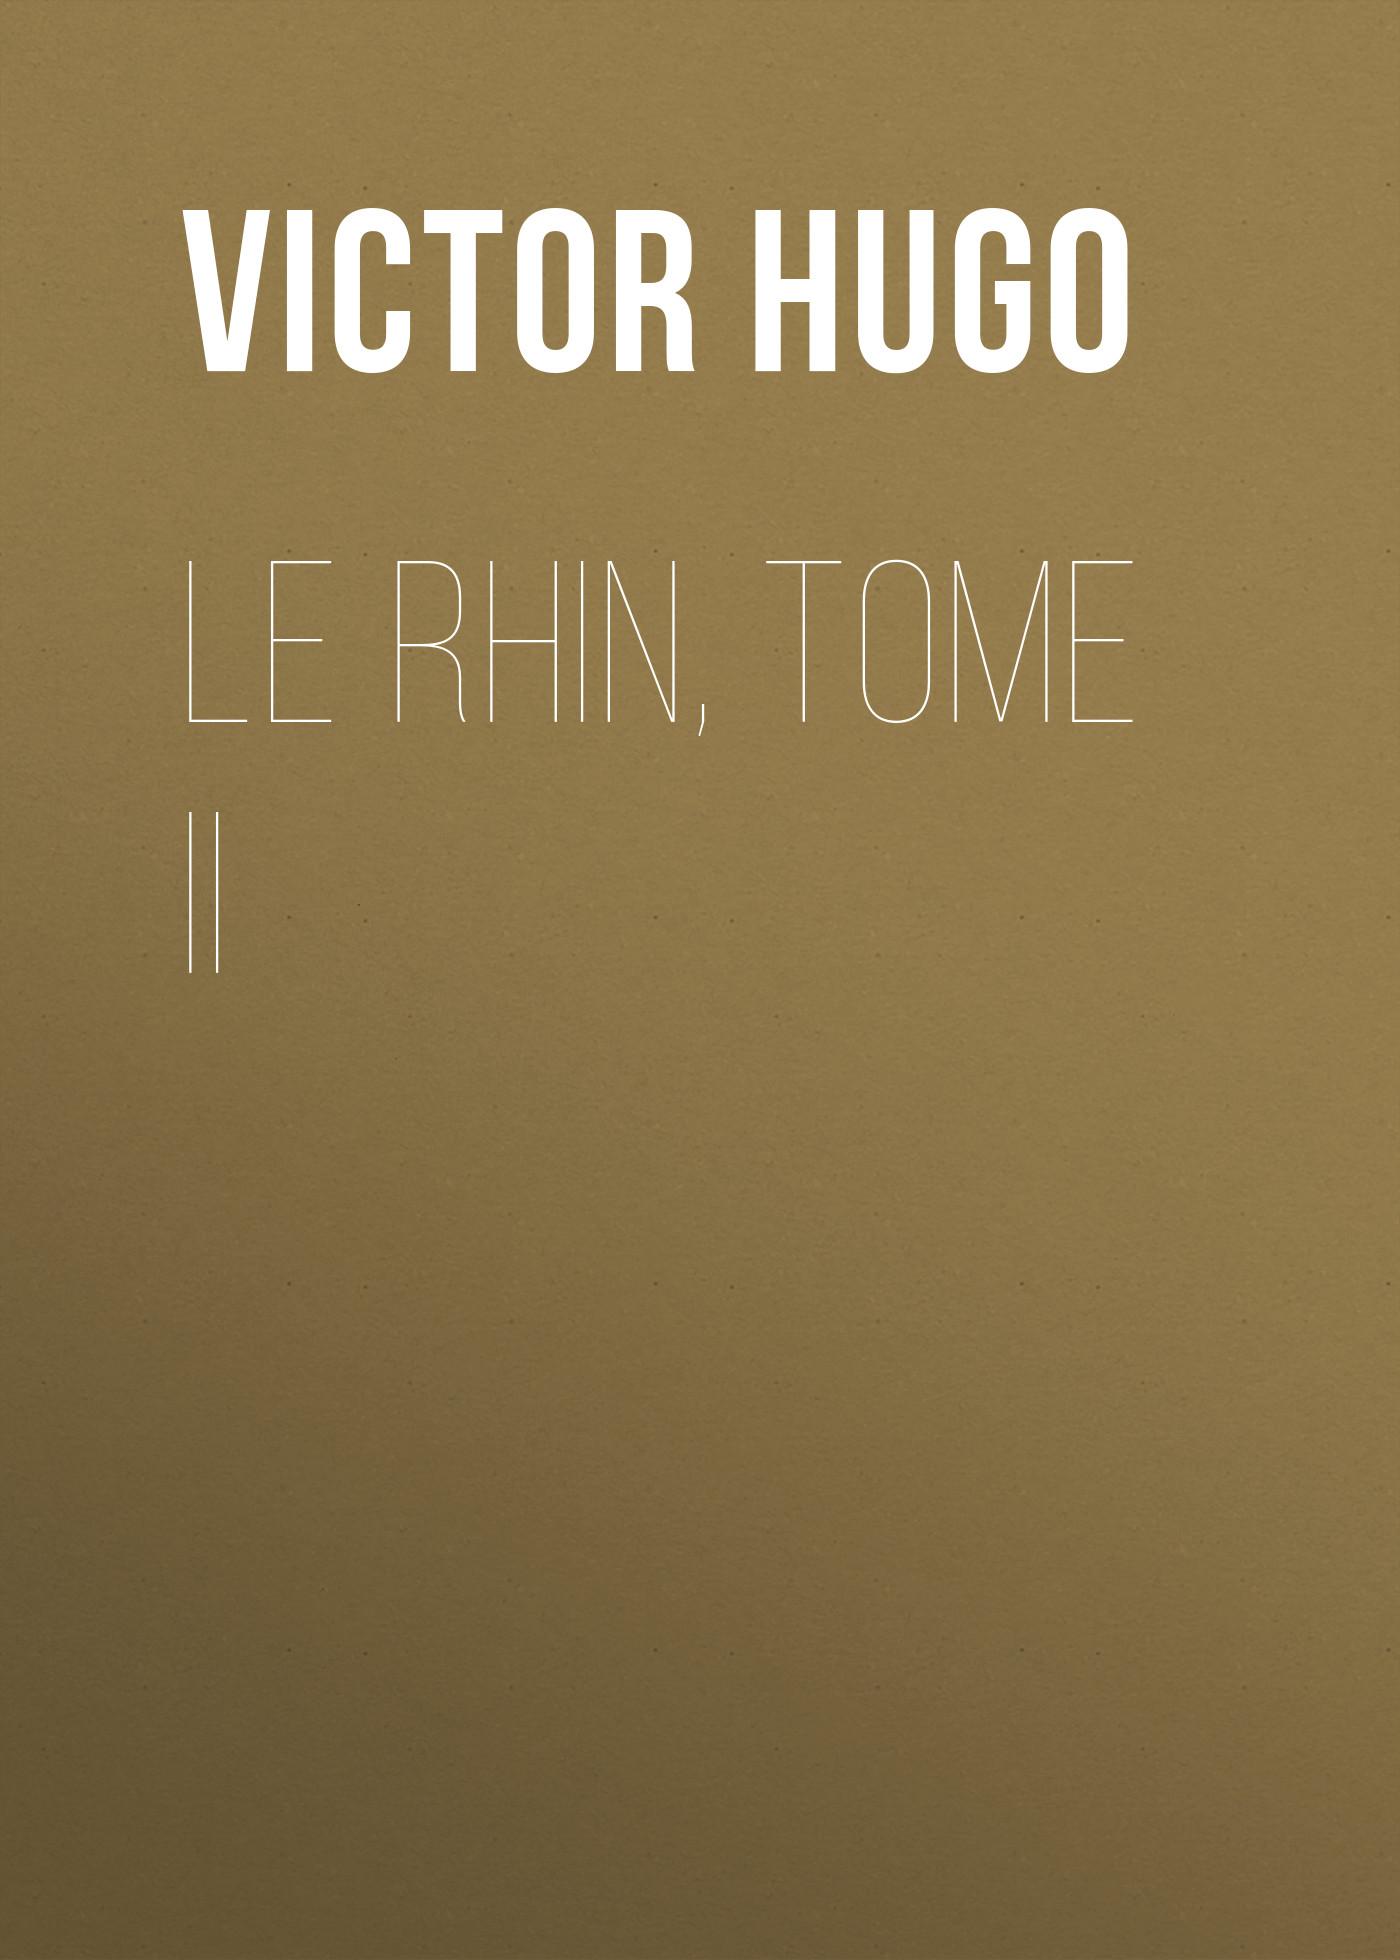 Виктор Мари Гюго Le Rhin, Tome II виктор мари гюго les misérables tome ii cosette